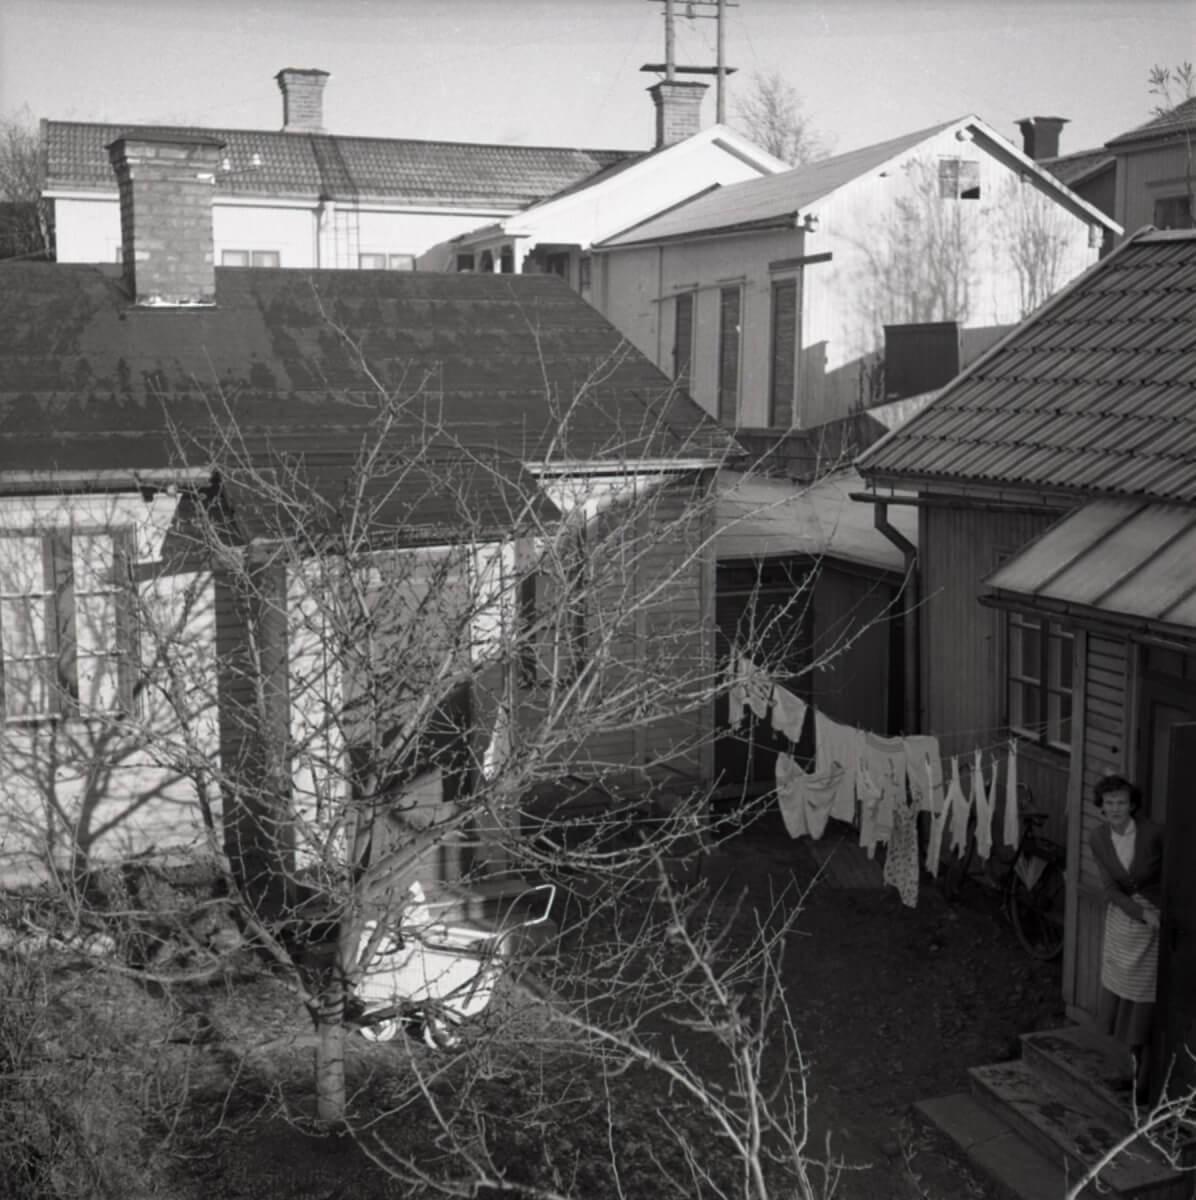 En stadsinnergård med upphängd tvätt på en tvättlina samt en kvinna som tittar ut genom en dörröppning.